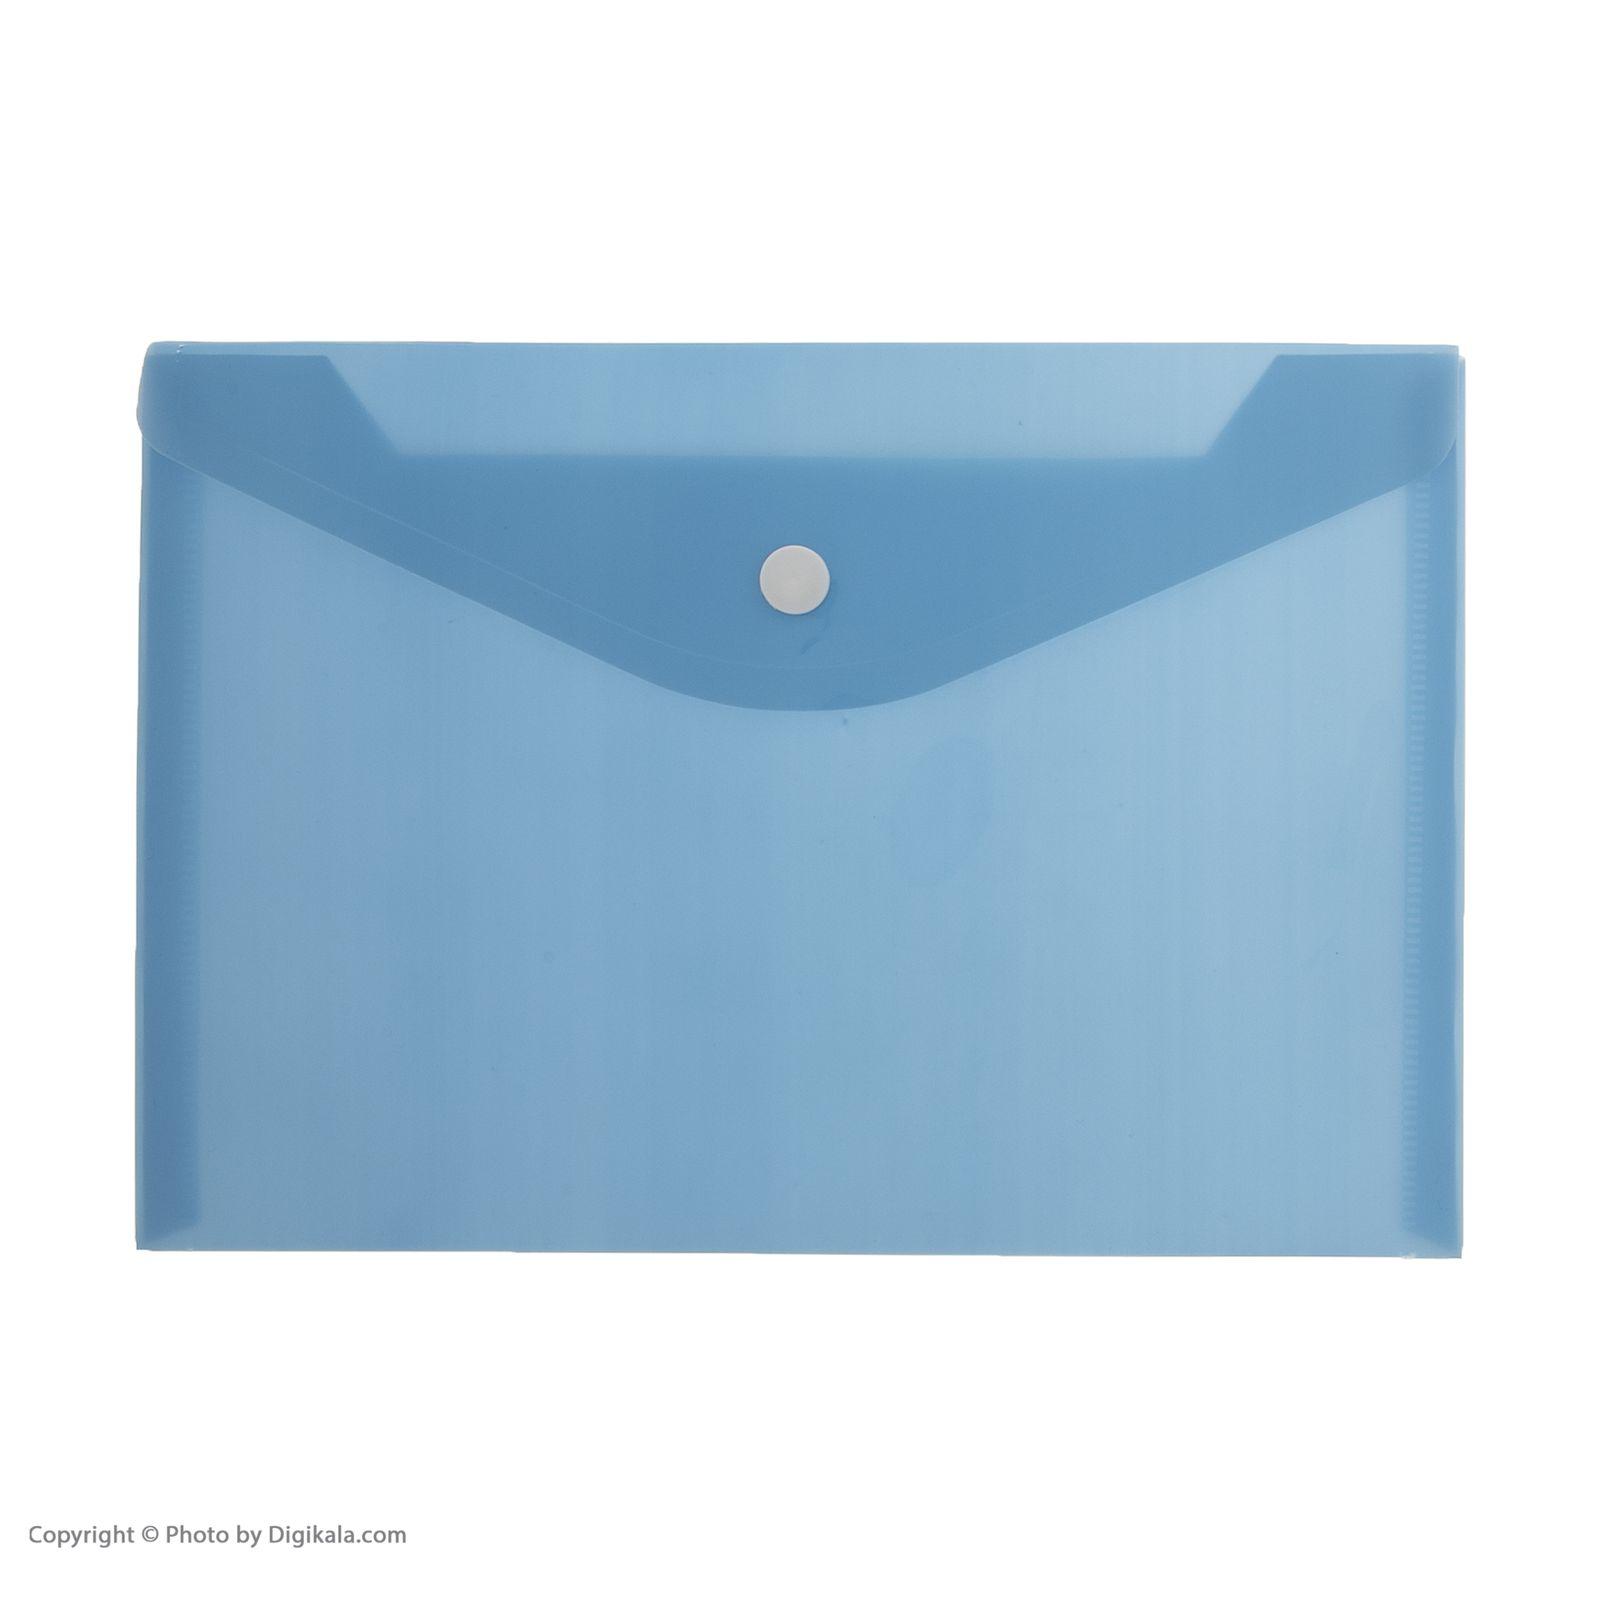 پوشه دکمه دار فوسکا سایز A5 بسته 10 عددی main 1 7